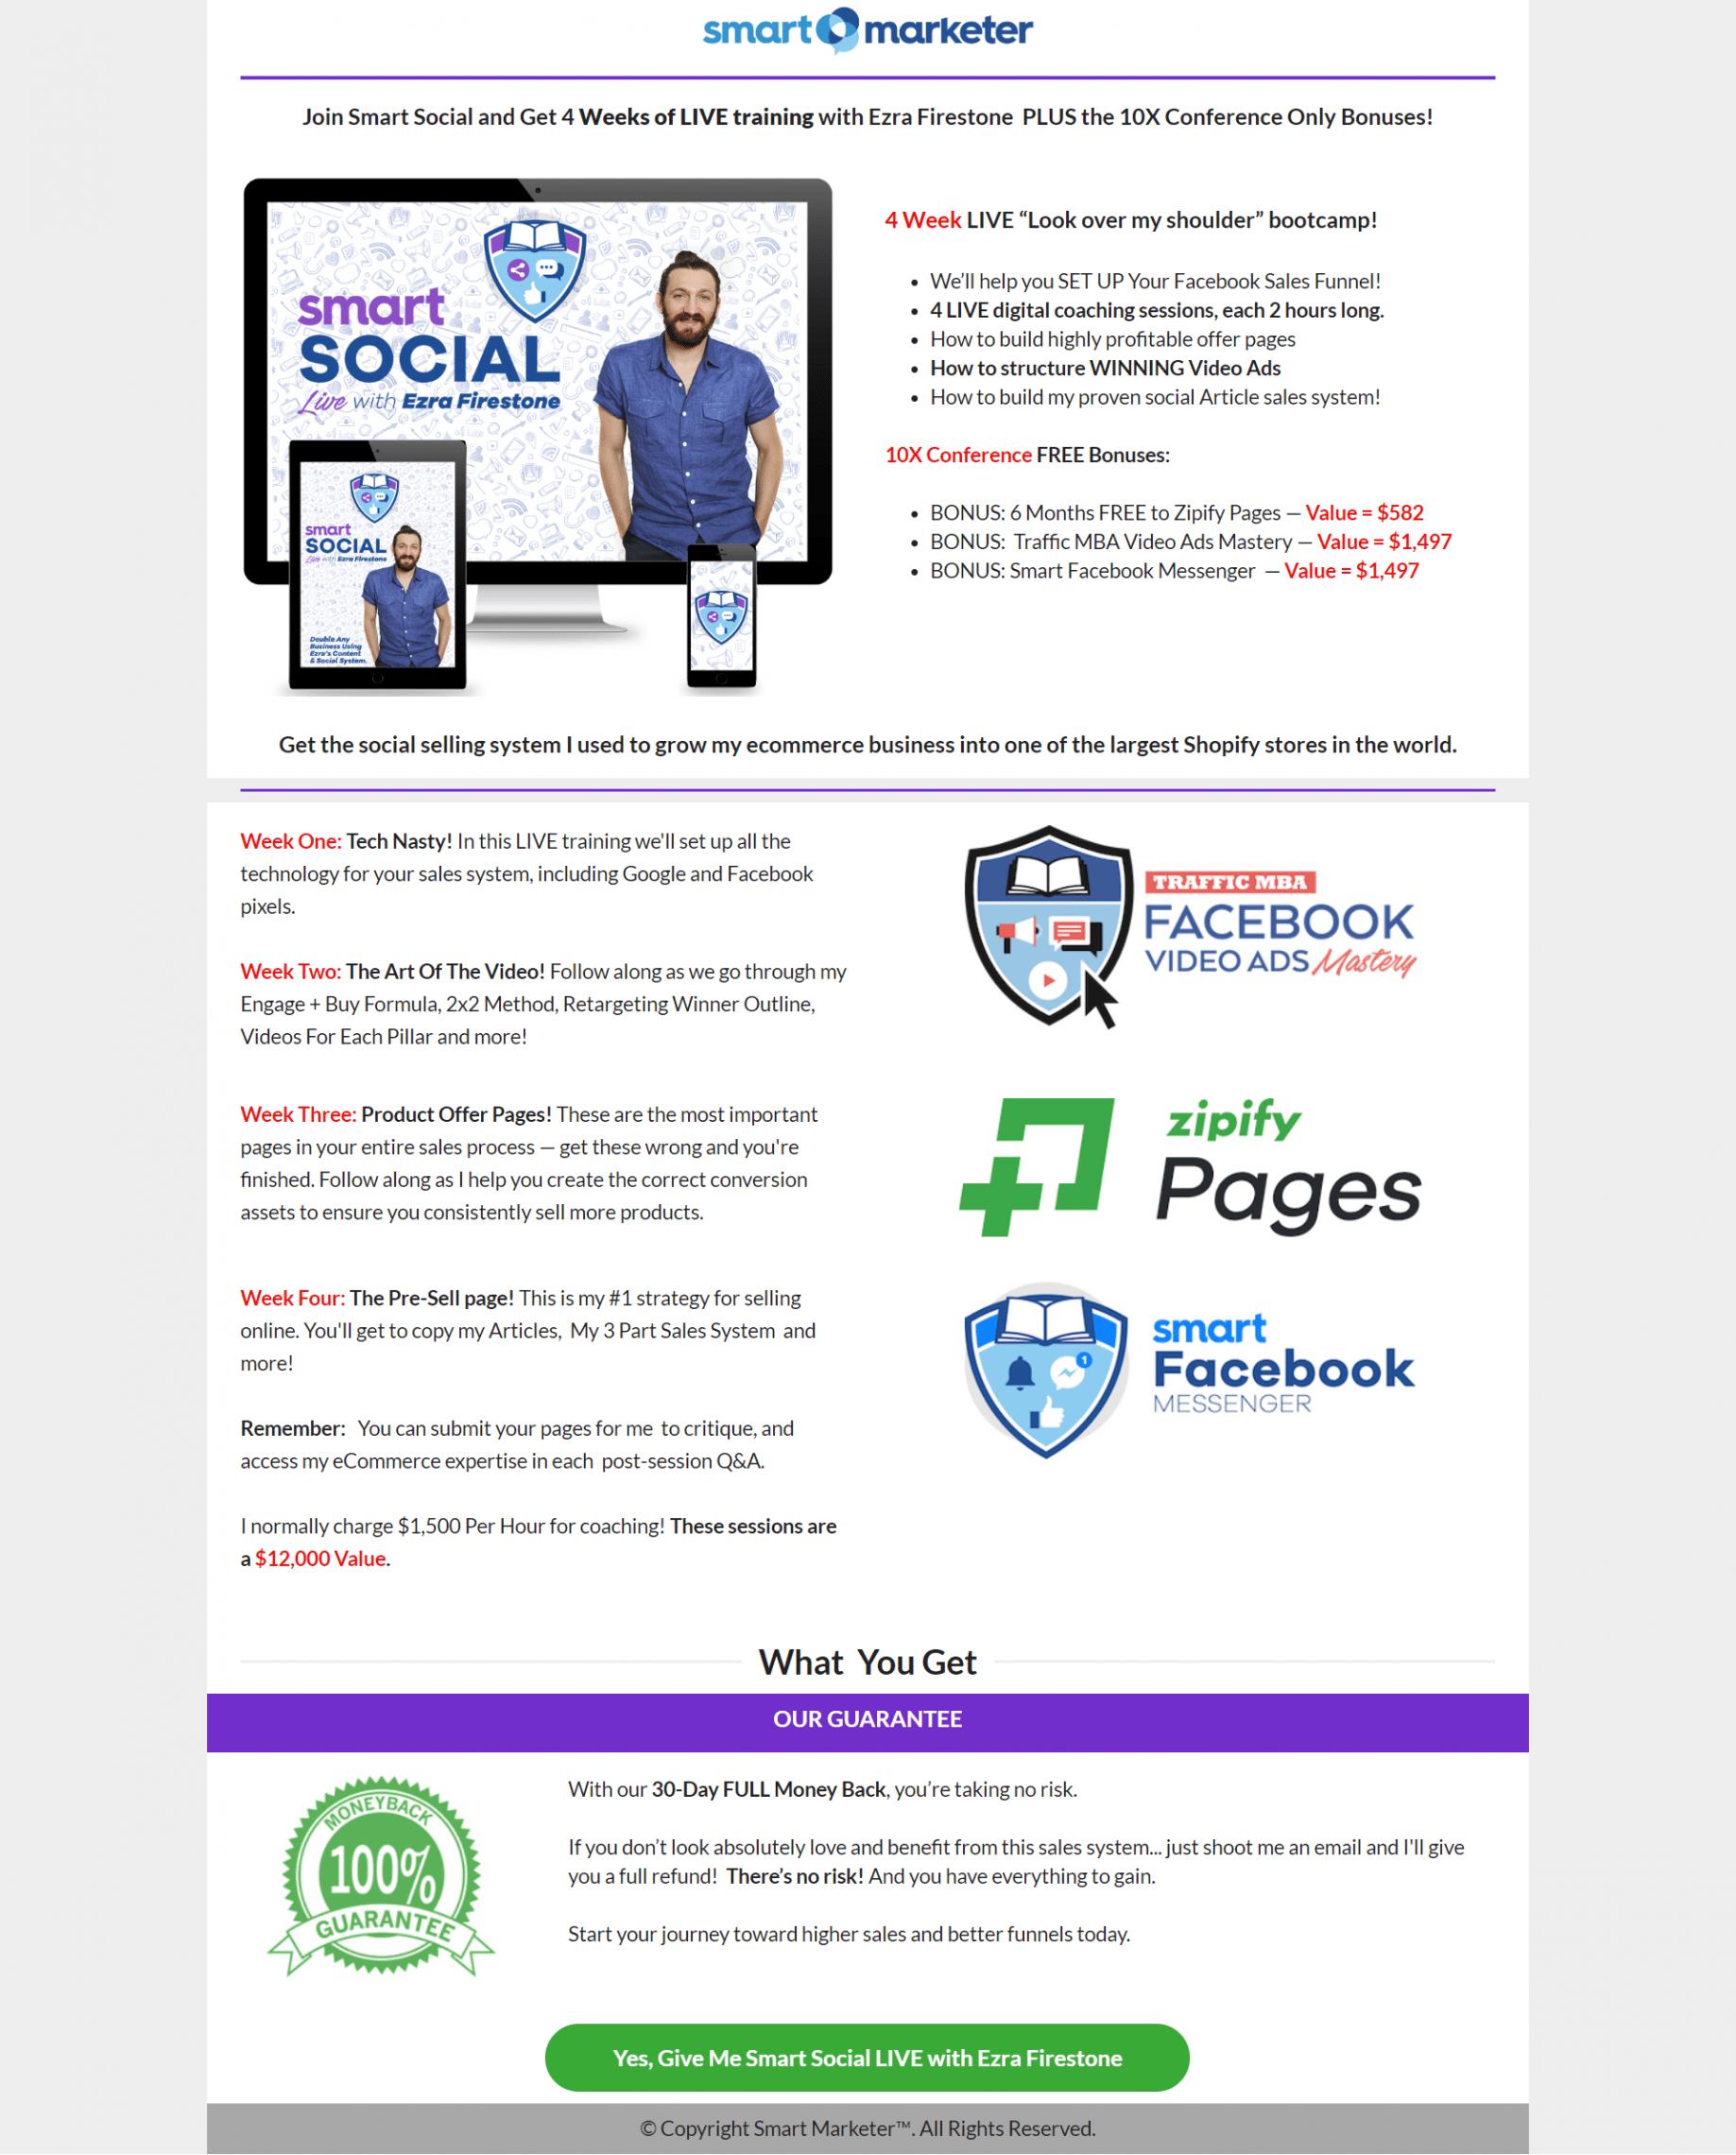 试试我们的社交销售系统助你成为世界上最大的Shopify店铺(Smart Social Live)